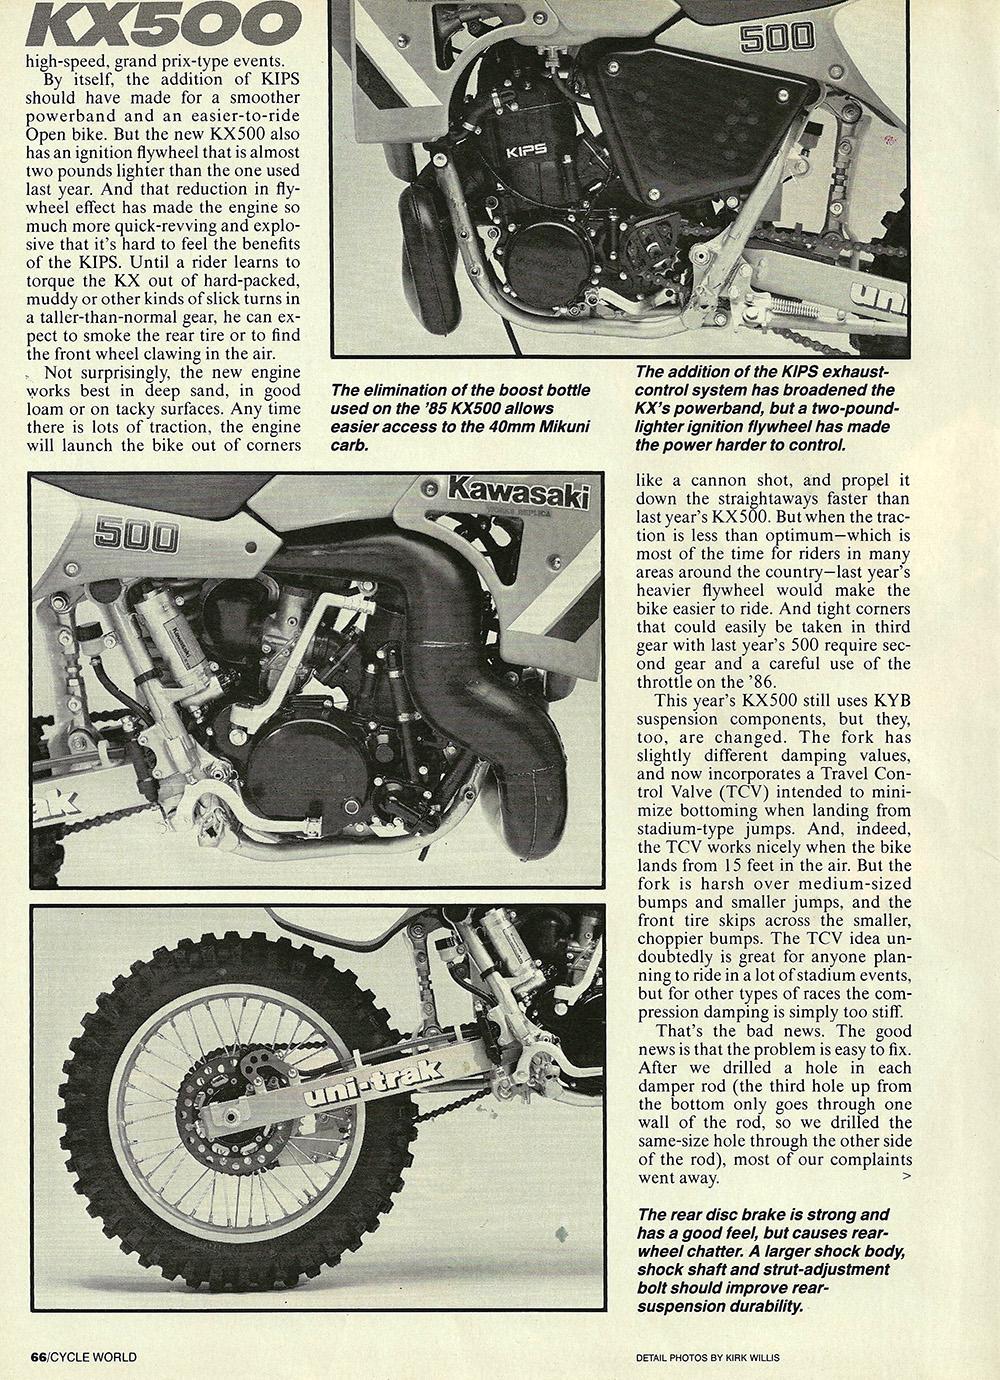 1986 Kawasaki KX500 road test 03.jpg